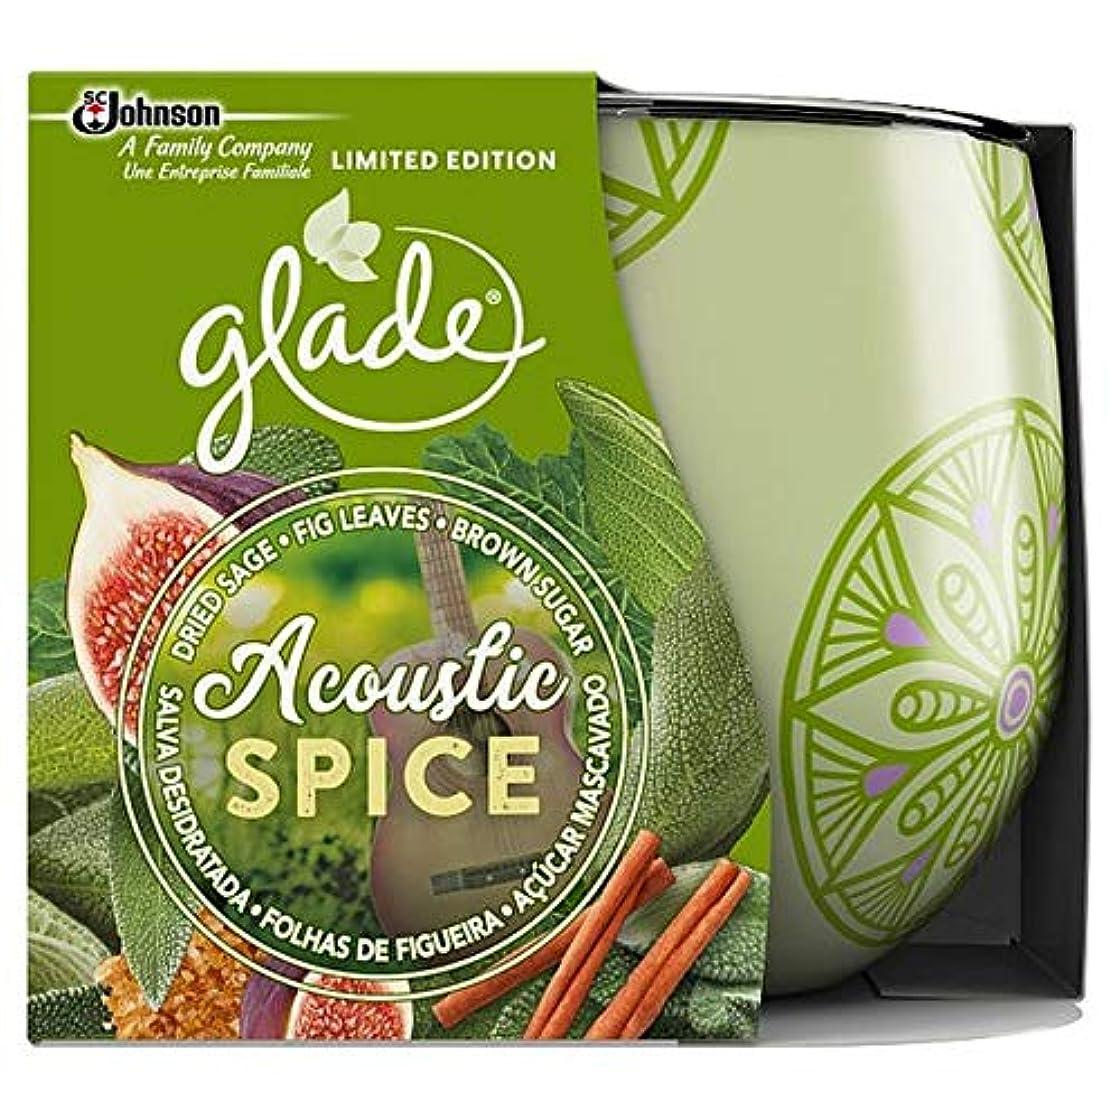 モックスピーチ候補者[Glade ] 音響スパイスキャンドル120グラムを空き地 - Glade Acoustic Spice Candle 120G [並行輸入品]